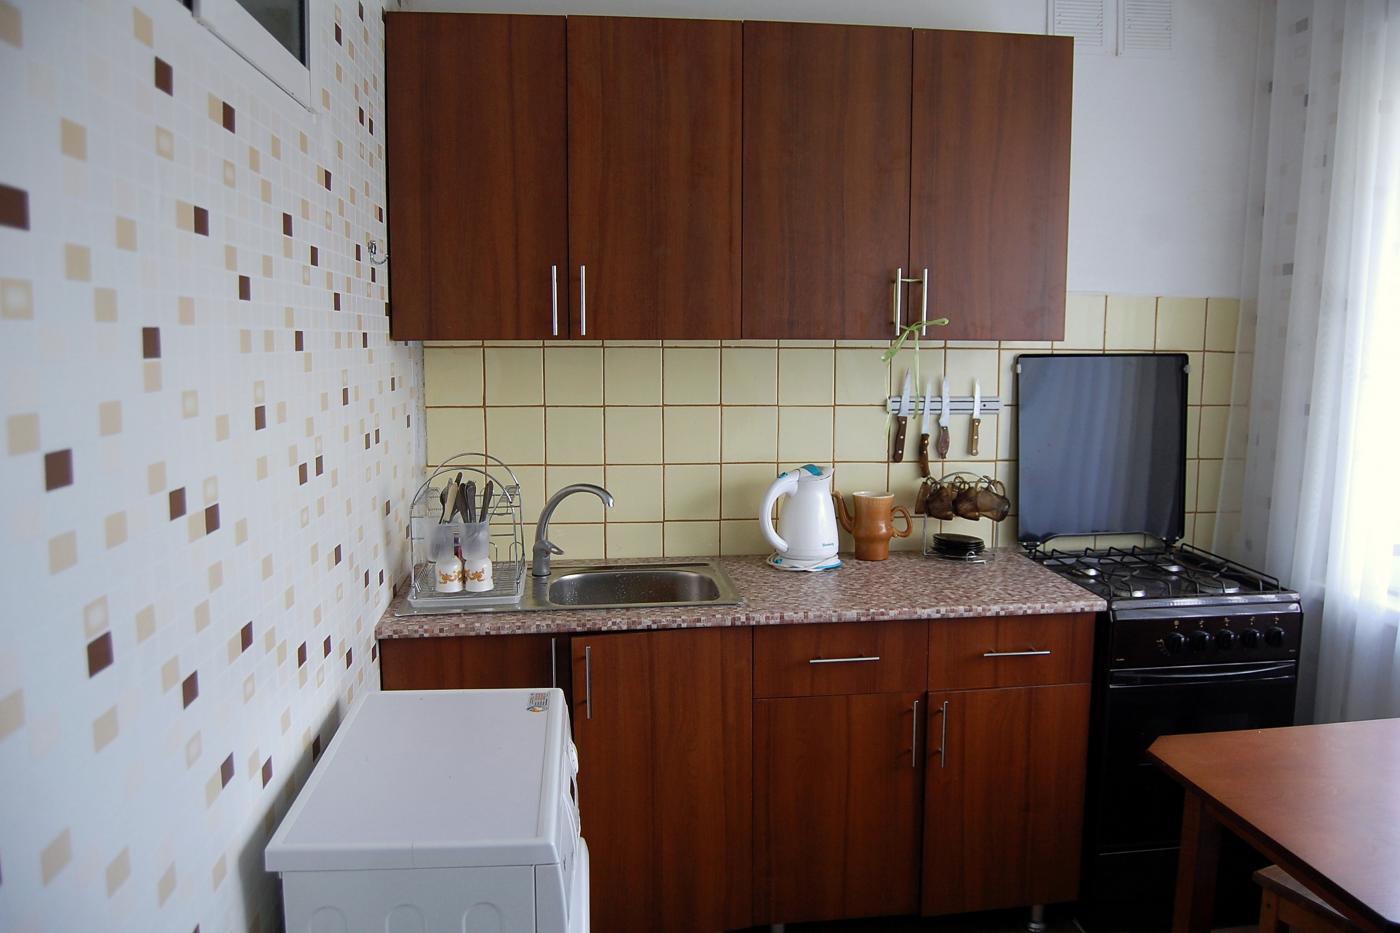 2-комнатная квартира посуточно (вариант № 730), ул. Павлова переулок, фото № 2